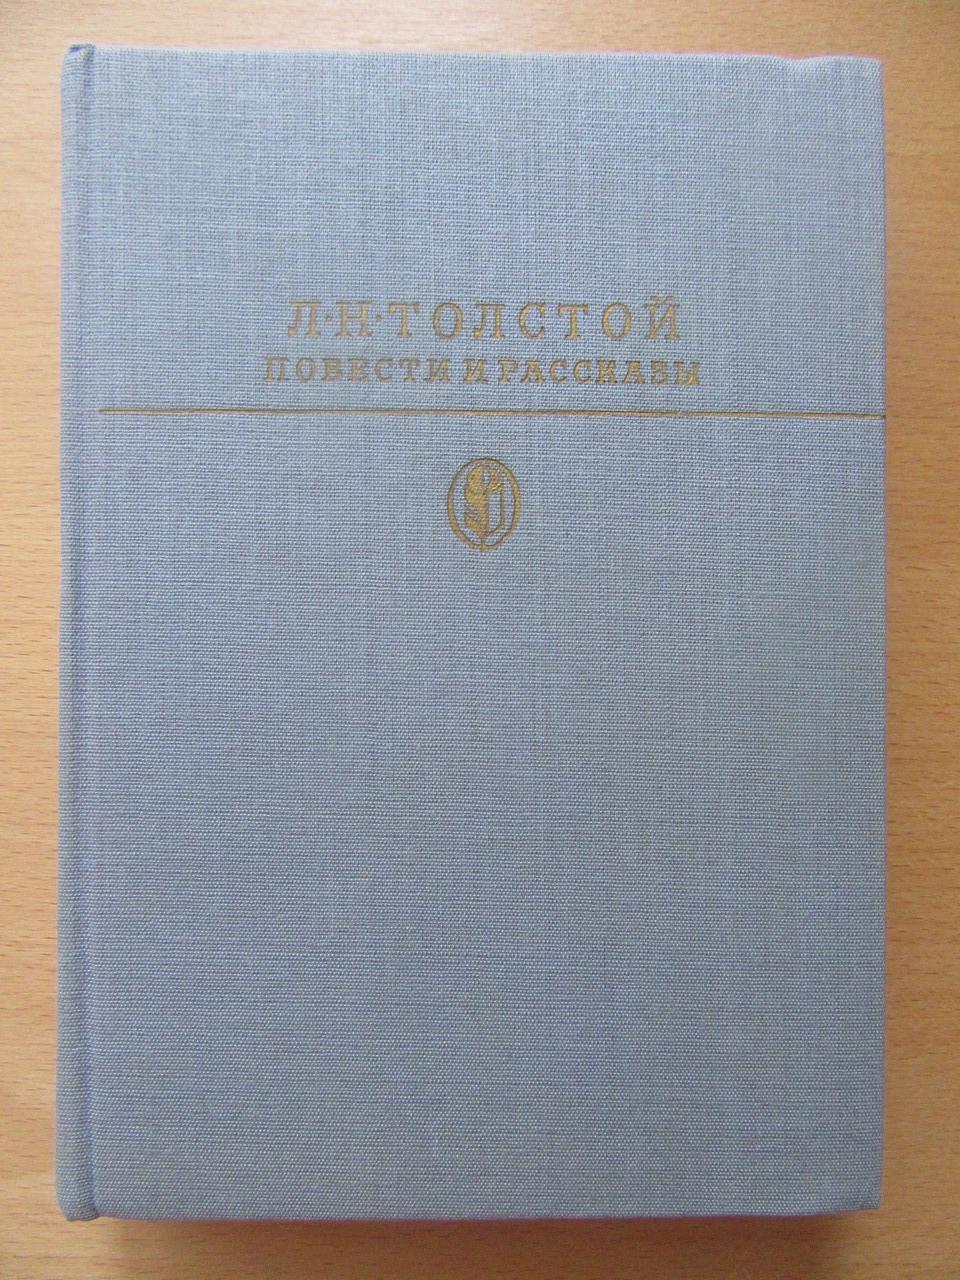 Л.Н.Толстой. Повести и рассказы. 1986